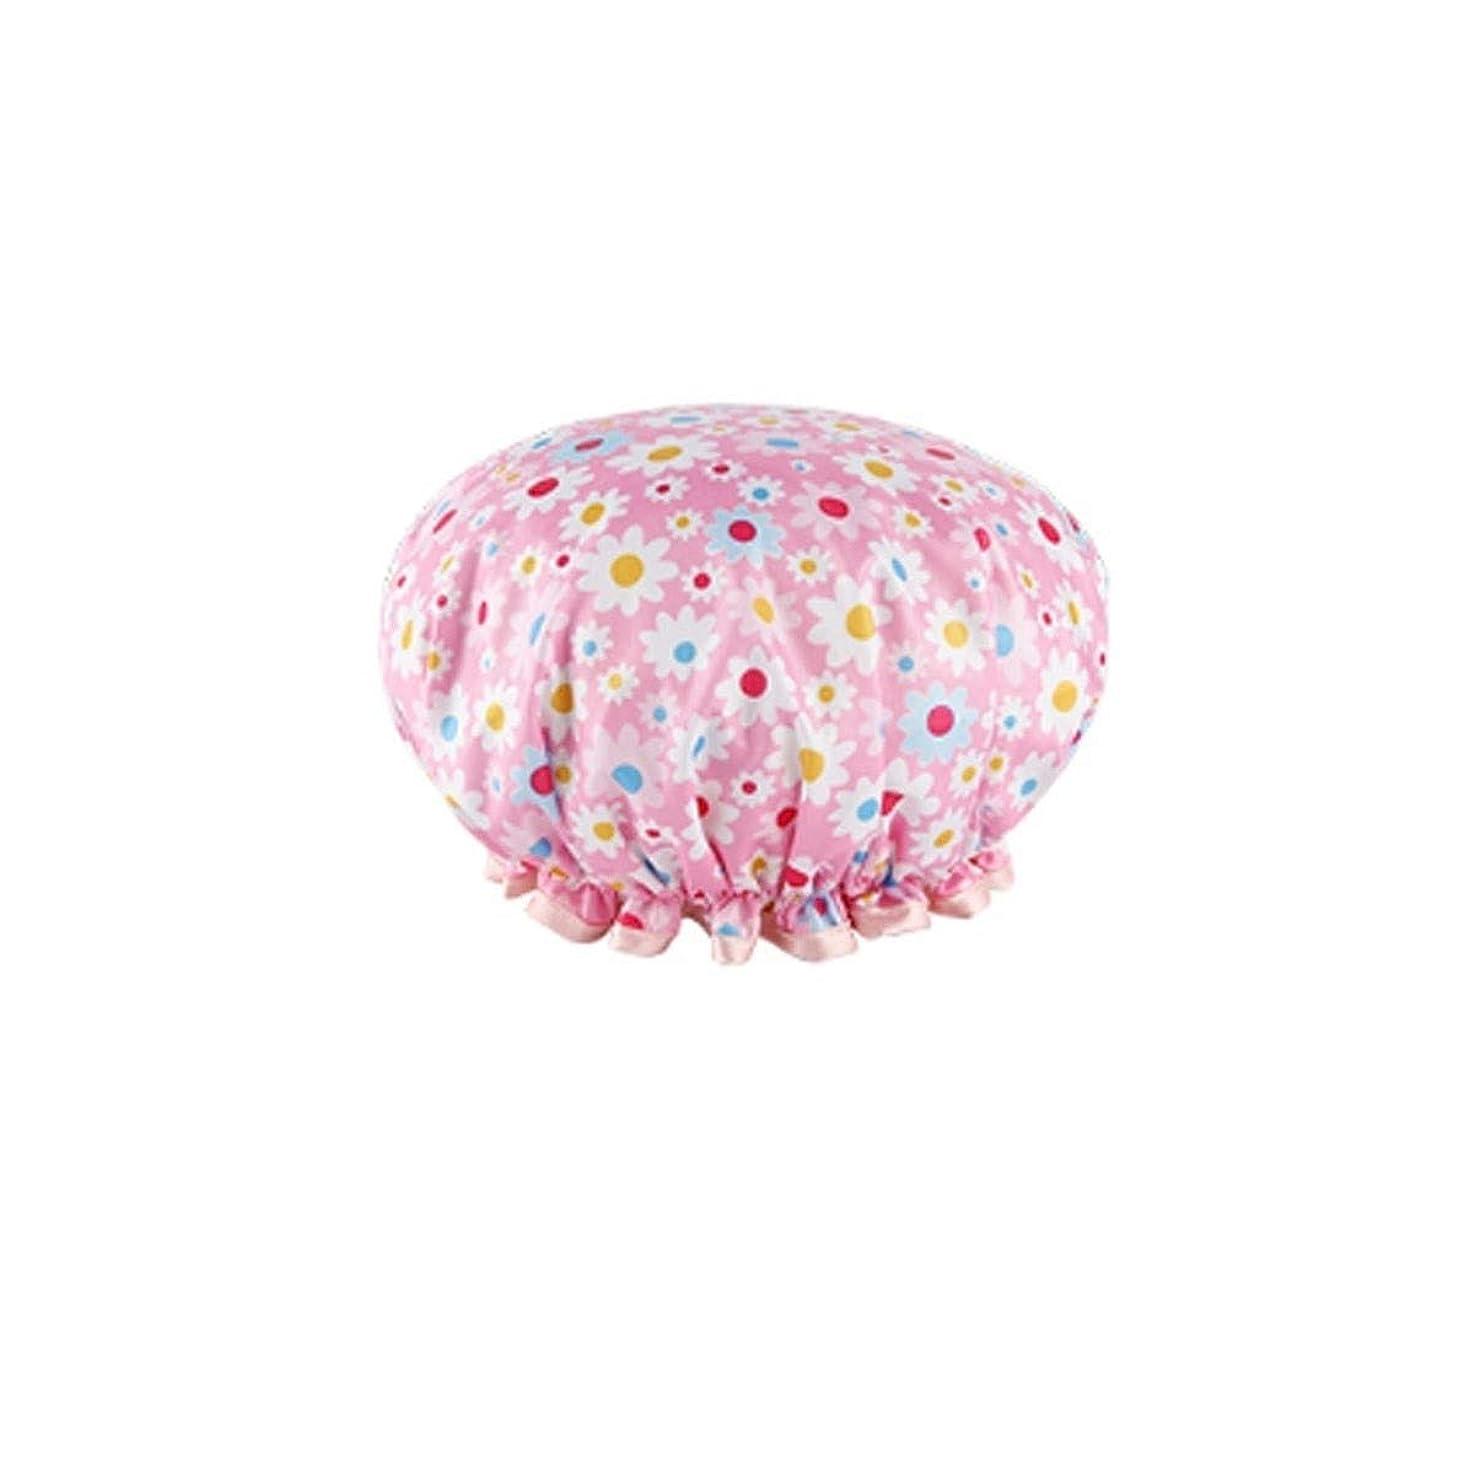 マーク亡命ペデスタルJIAOJIEB 、髪は特別な女性モデル マスク、帽子女性、防水シャワーお風呂フード、大人アンチヒュームキッチンハットシャワー、キャップシャワー シンプルで実用的な製品 (Color : A6)